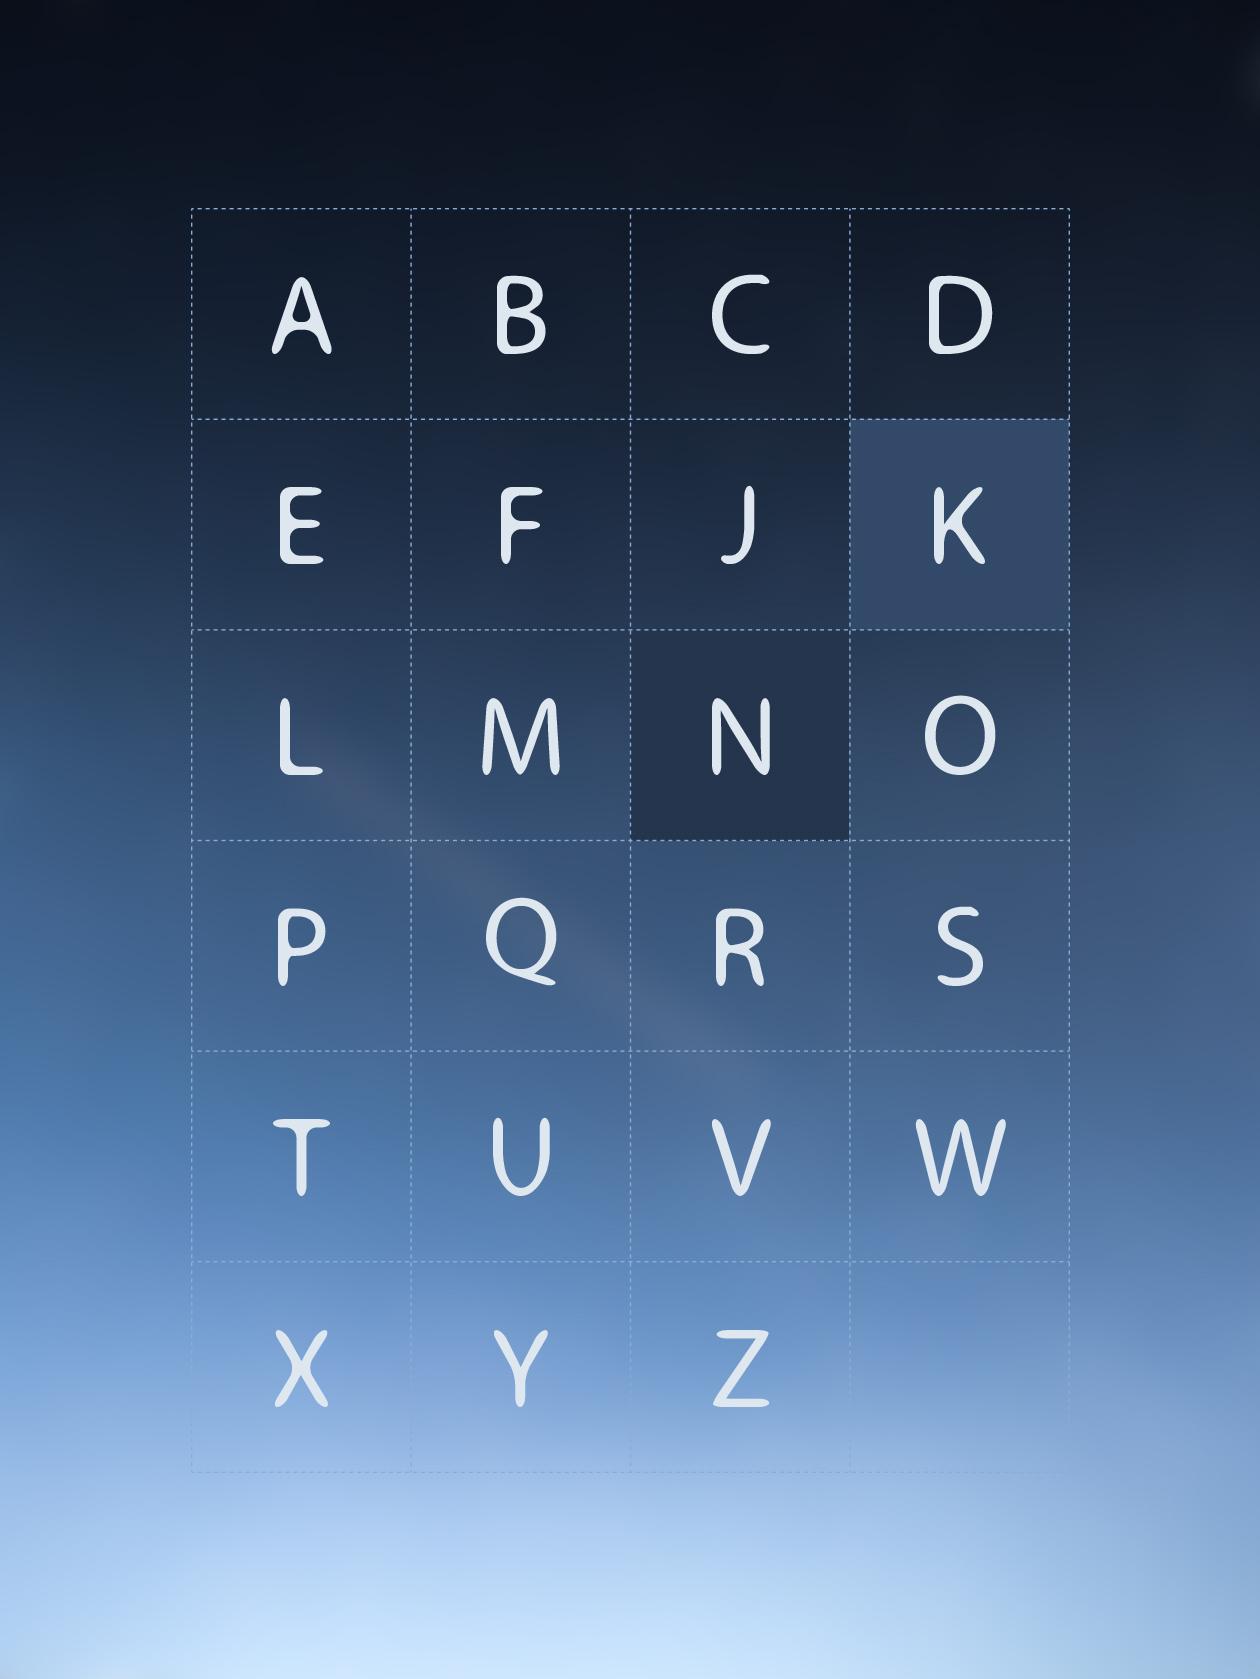 melte font alphabets